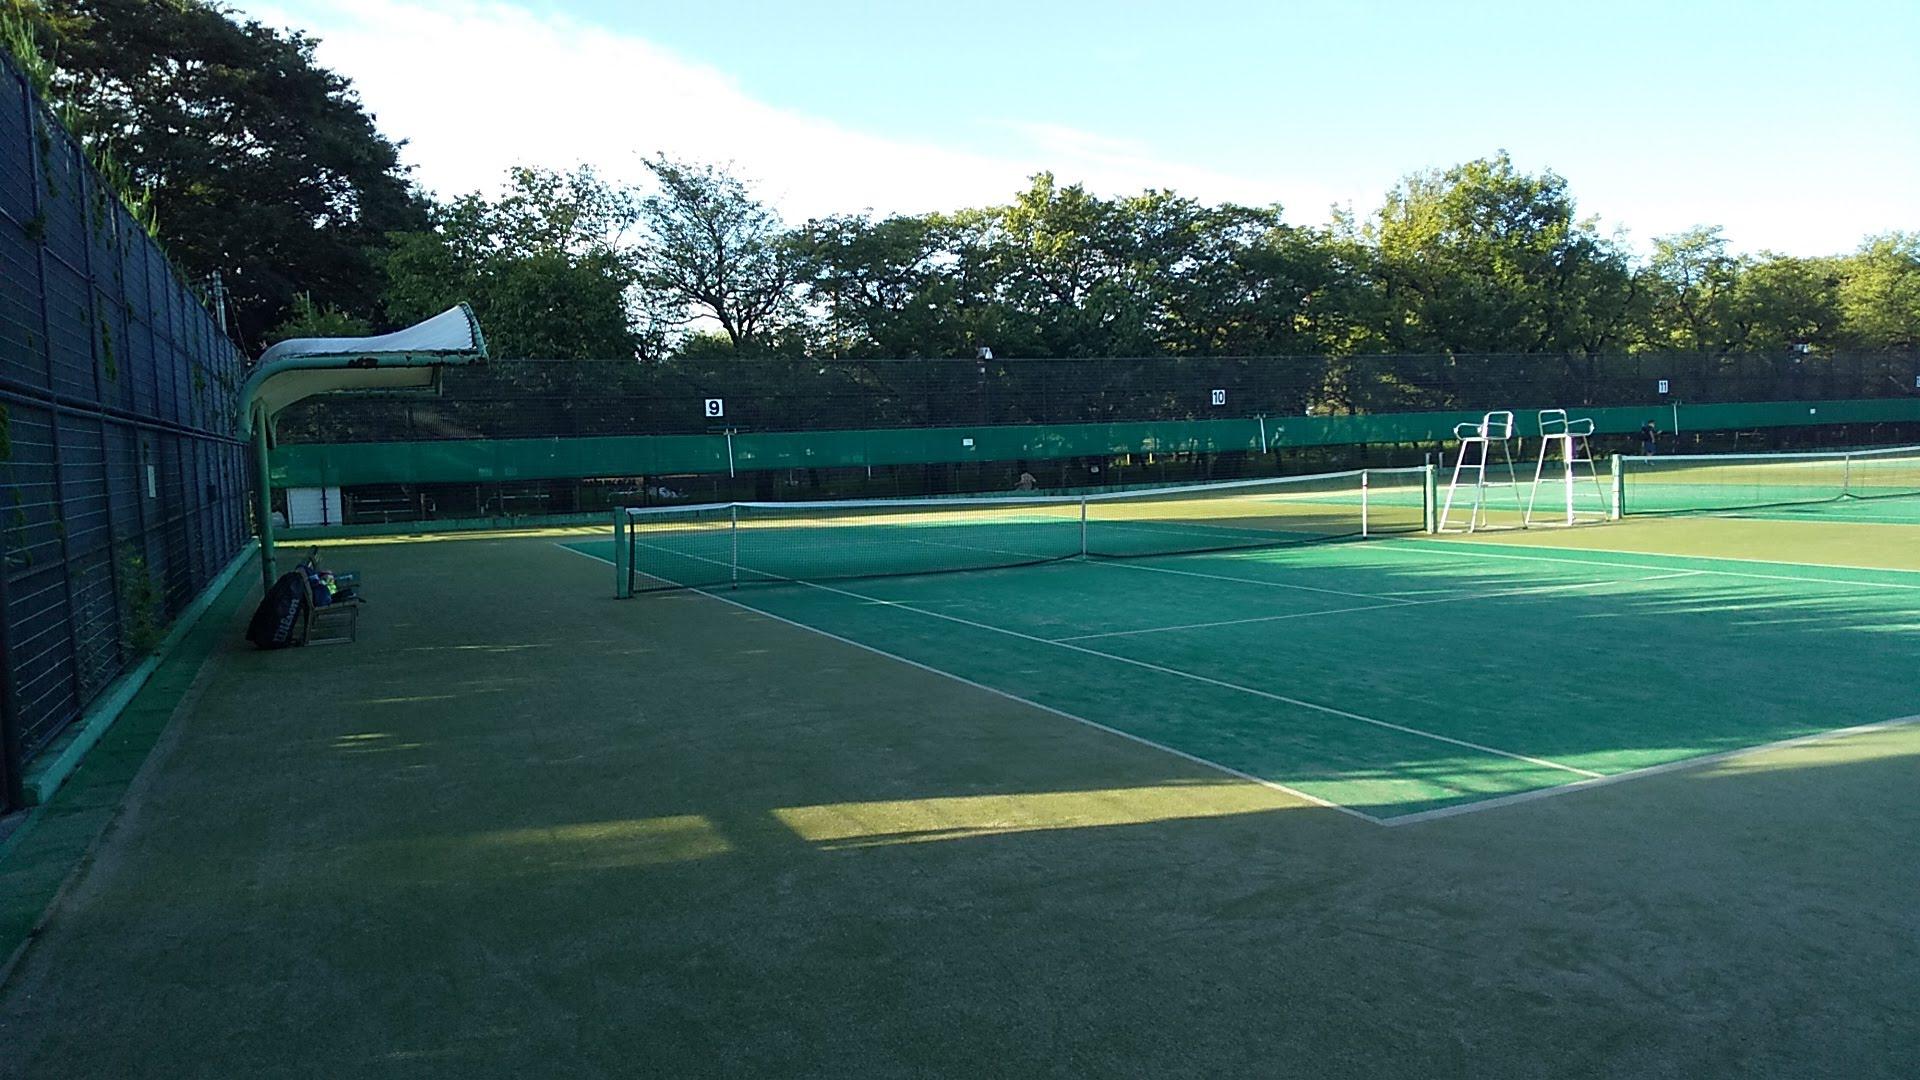 けやき ネット 区 世田谷 新型コロナウィルスの影響で世田谷区のテニスコートが開放中止